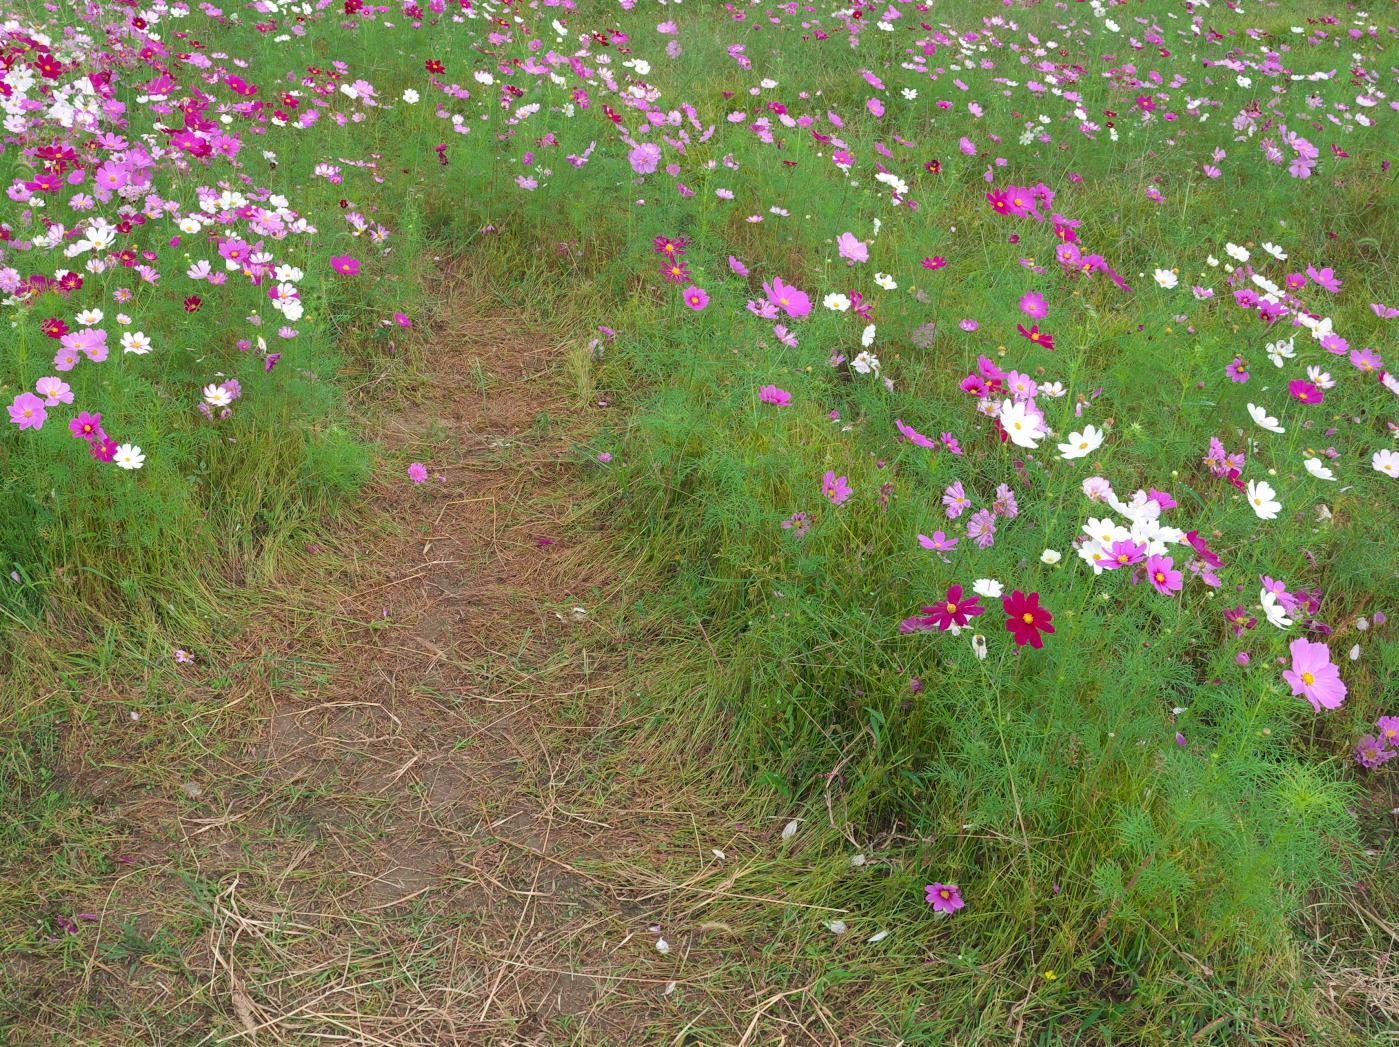 藤原宮跡の秋桜は?_b0161171_07553803.jpg